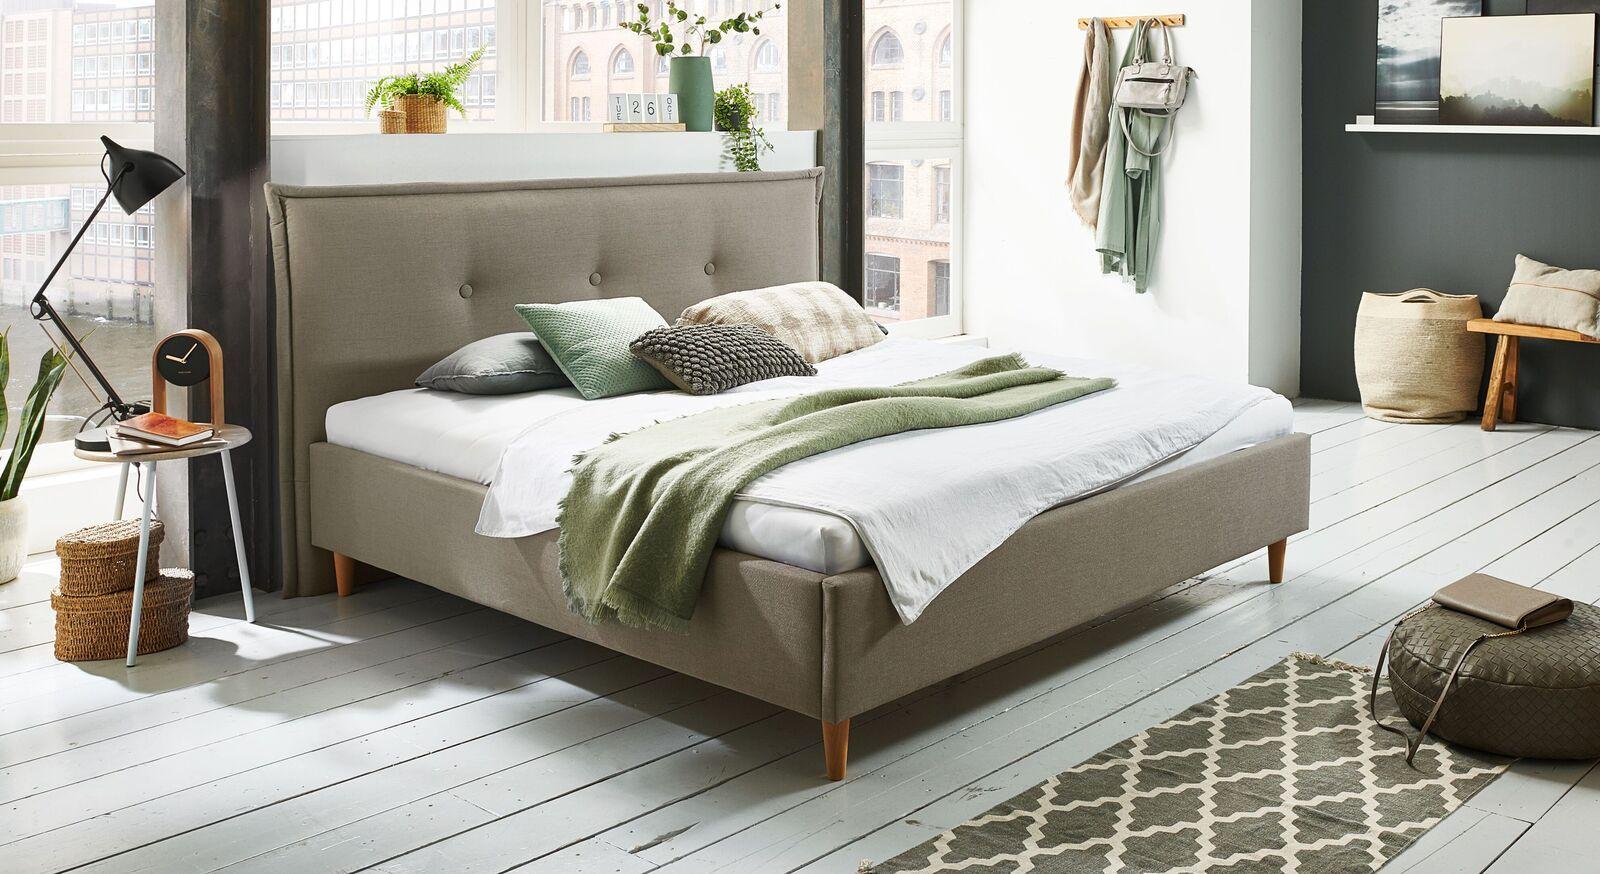 Bett Indore mit hochwertigem Webstoff in Taupe